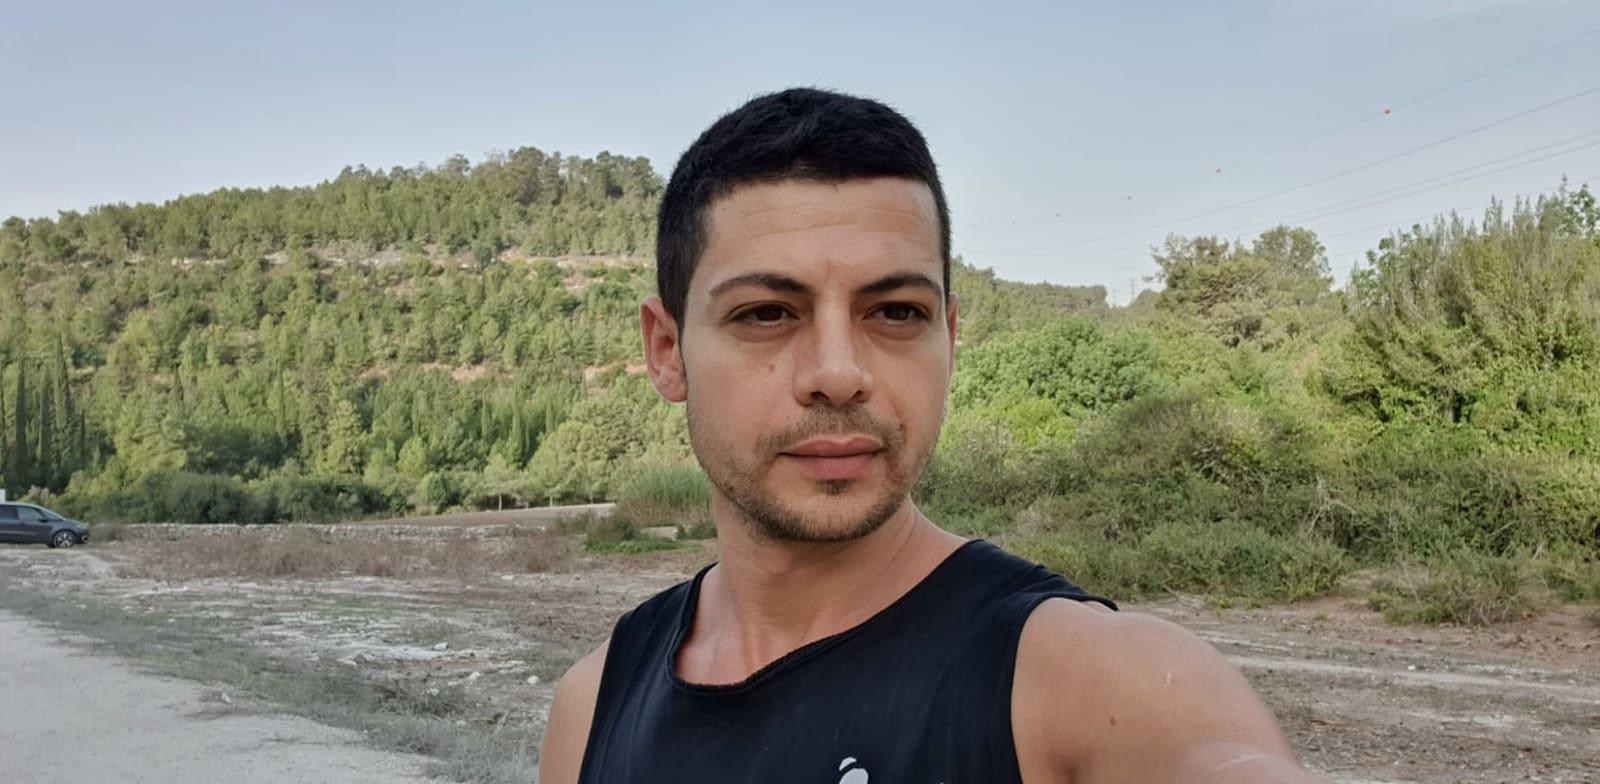 גרמן פסח, בן 35, בעלים משותף של שני בארים בחדרה / צילום: שירי דובר